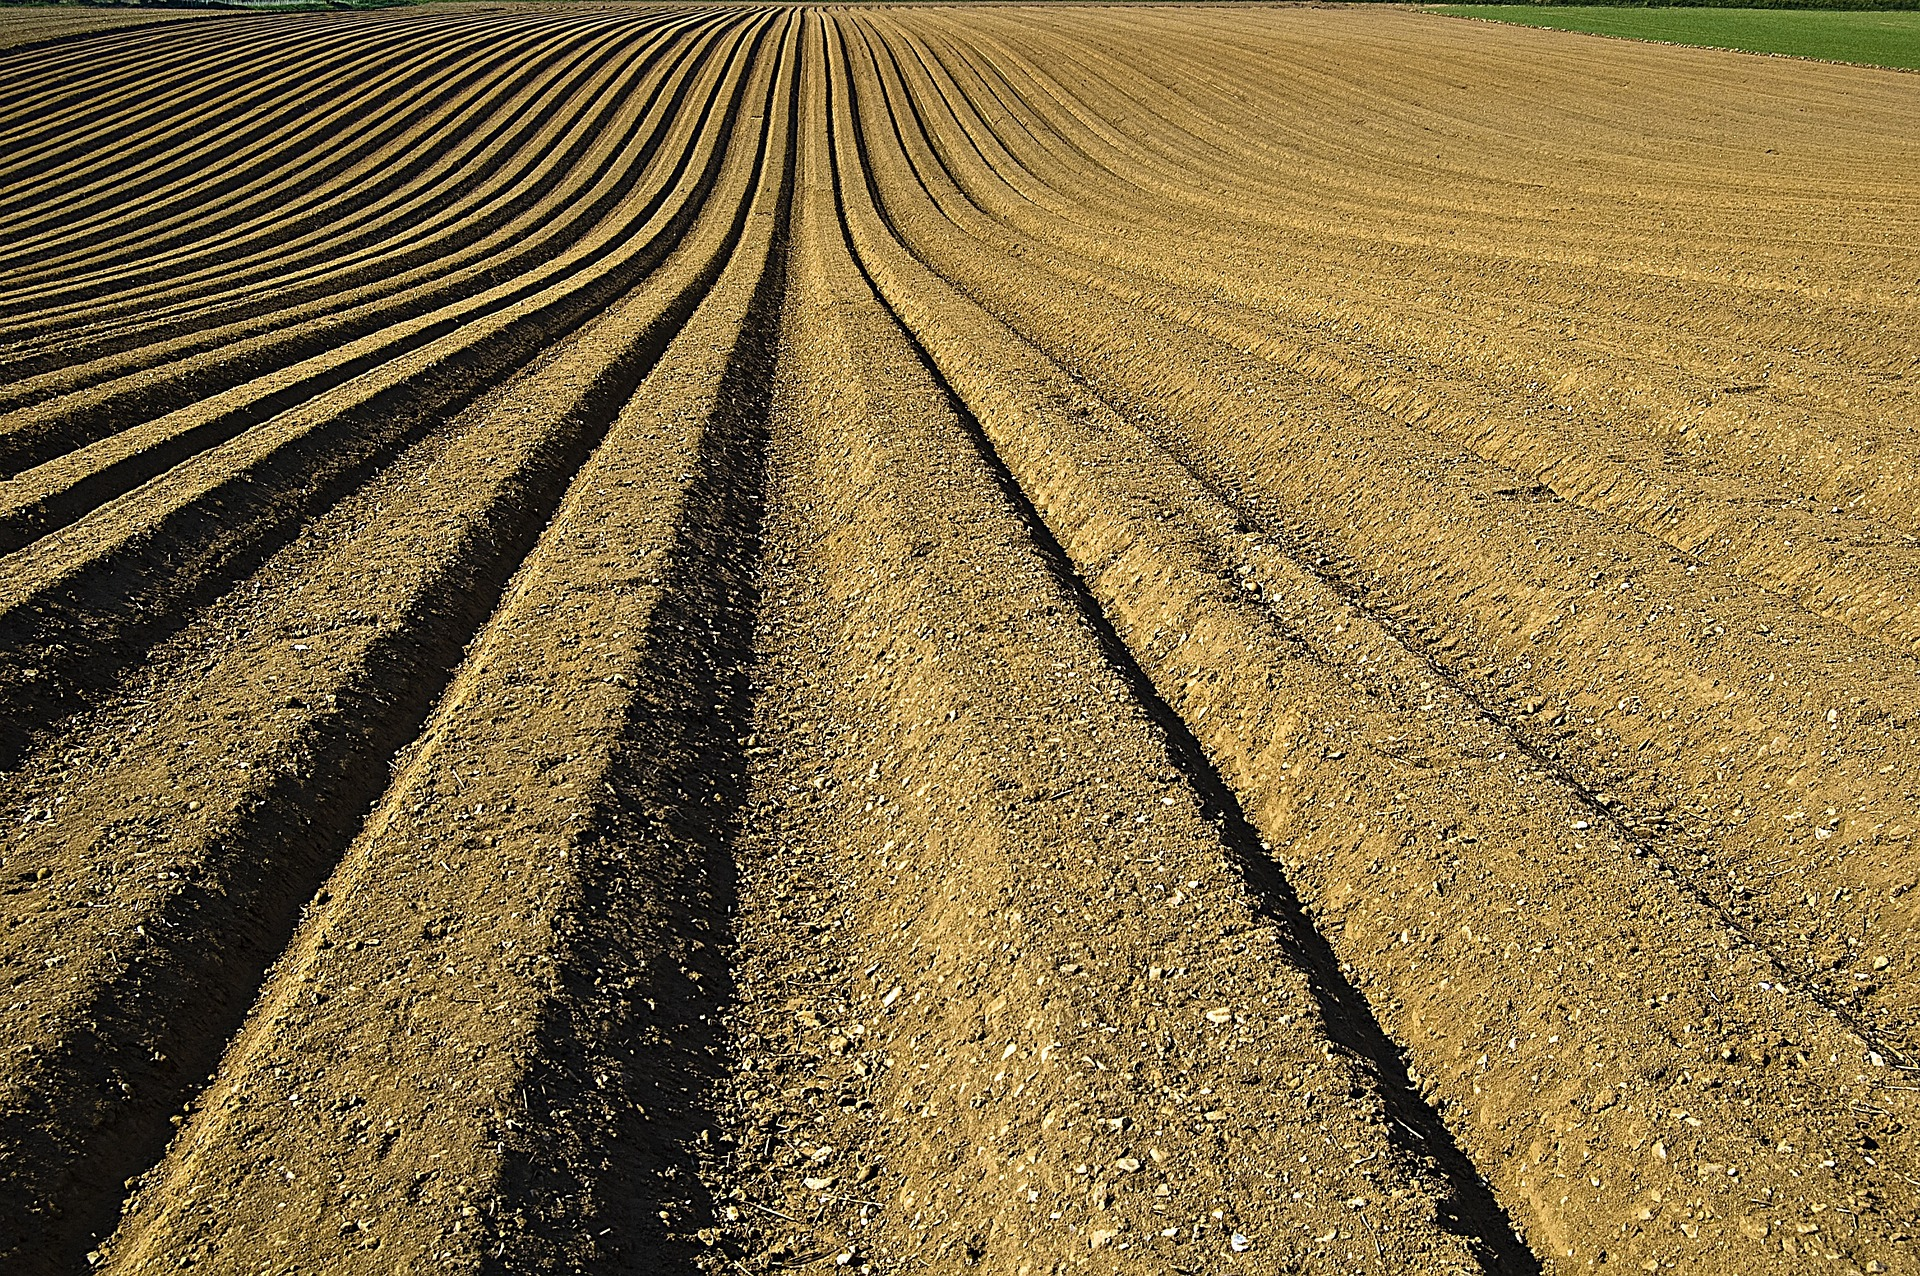 Україна має більше перспектив для точного землеробства, ніж Німеччина